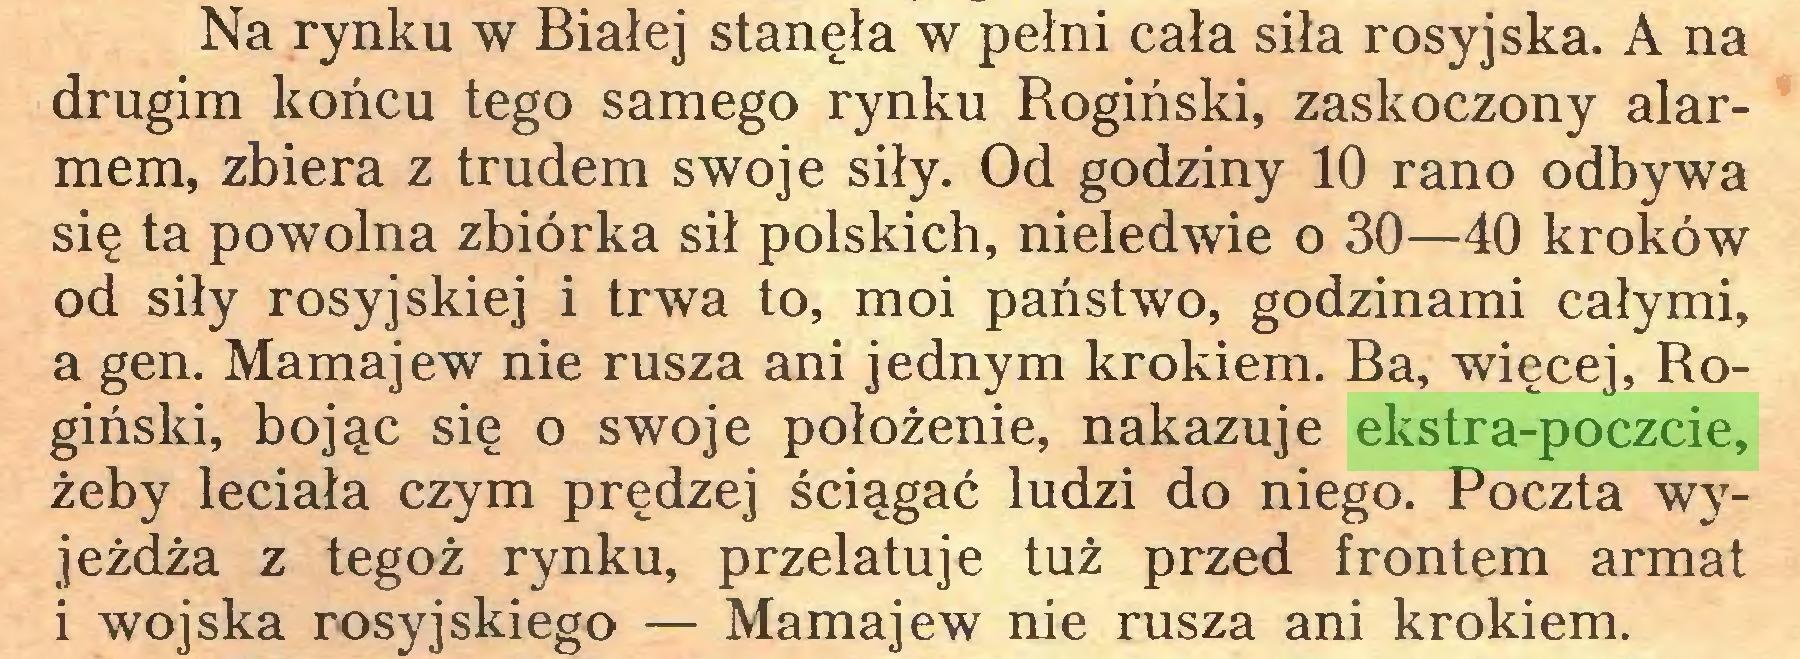 (...) Na rynku w Białej stanęła w pełni cała siła rosyjska. A na drugim końcu tego samego rynku Rogiński, zaskoczony alarmem, zbiera z trudem swoje siły. Od godziny 10 rano odbywa się ta powolna zbiórka sił polskich, nieledwie o 30—40 kroków od siły rosyjskiej i trwa to, moi państwo, godzinami całymi, a gen. Mamajew nie rusza ani jednym krokiem. Ba, więcej, Rogiński, bojąc się o swoje położenie, nakazuje ekstra-poczcie, żeby leciała czym prędzej ściągać ludzi do niego. Poczta wyjeżdża z tegoż rynku, przelatuje tuż przed frontem armat i wojska rosyjskiego — Mamajew nie rusza ani krokiem...